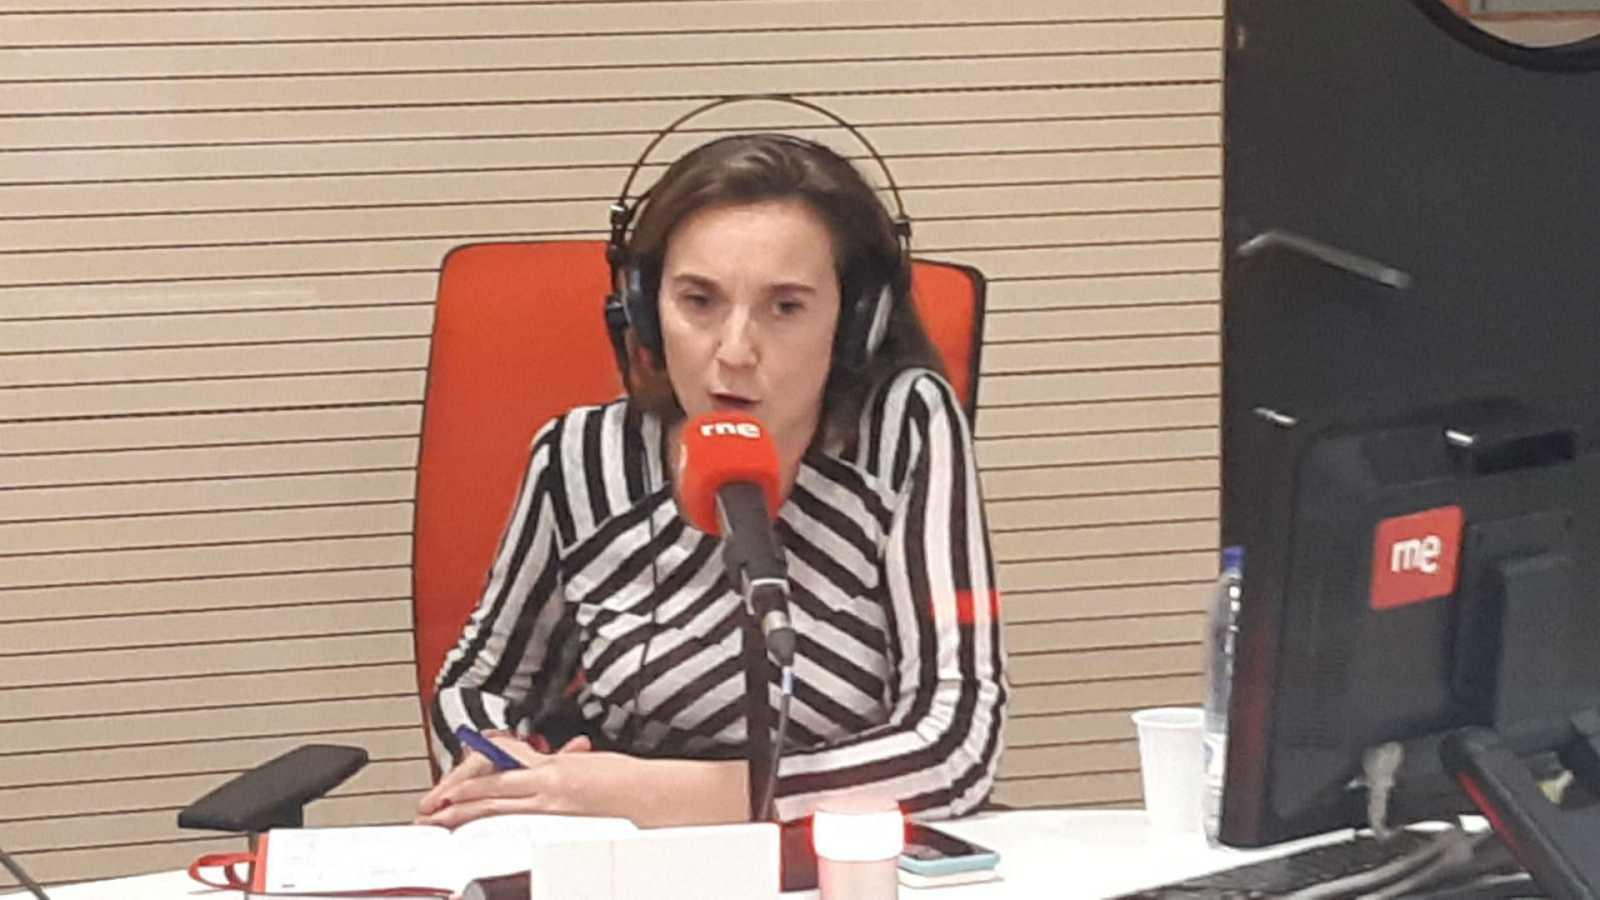 """24 horas - Cuca Gamarra: """"Delgado no debería aceptar el cargo por el bien de la separación de poderes"""" - Escuchar ahora"""